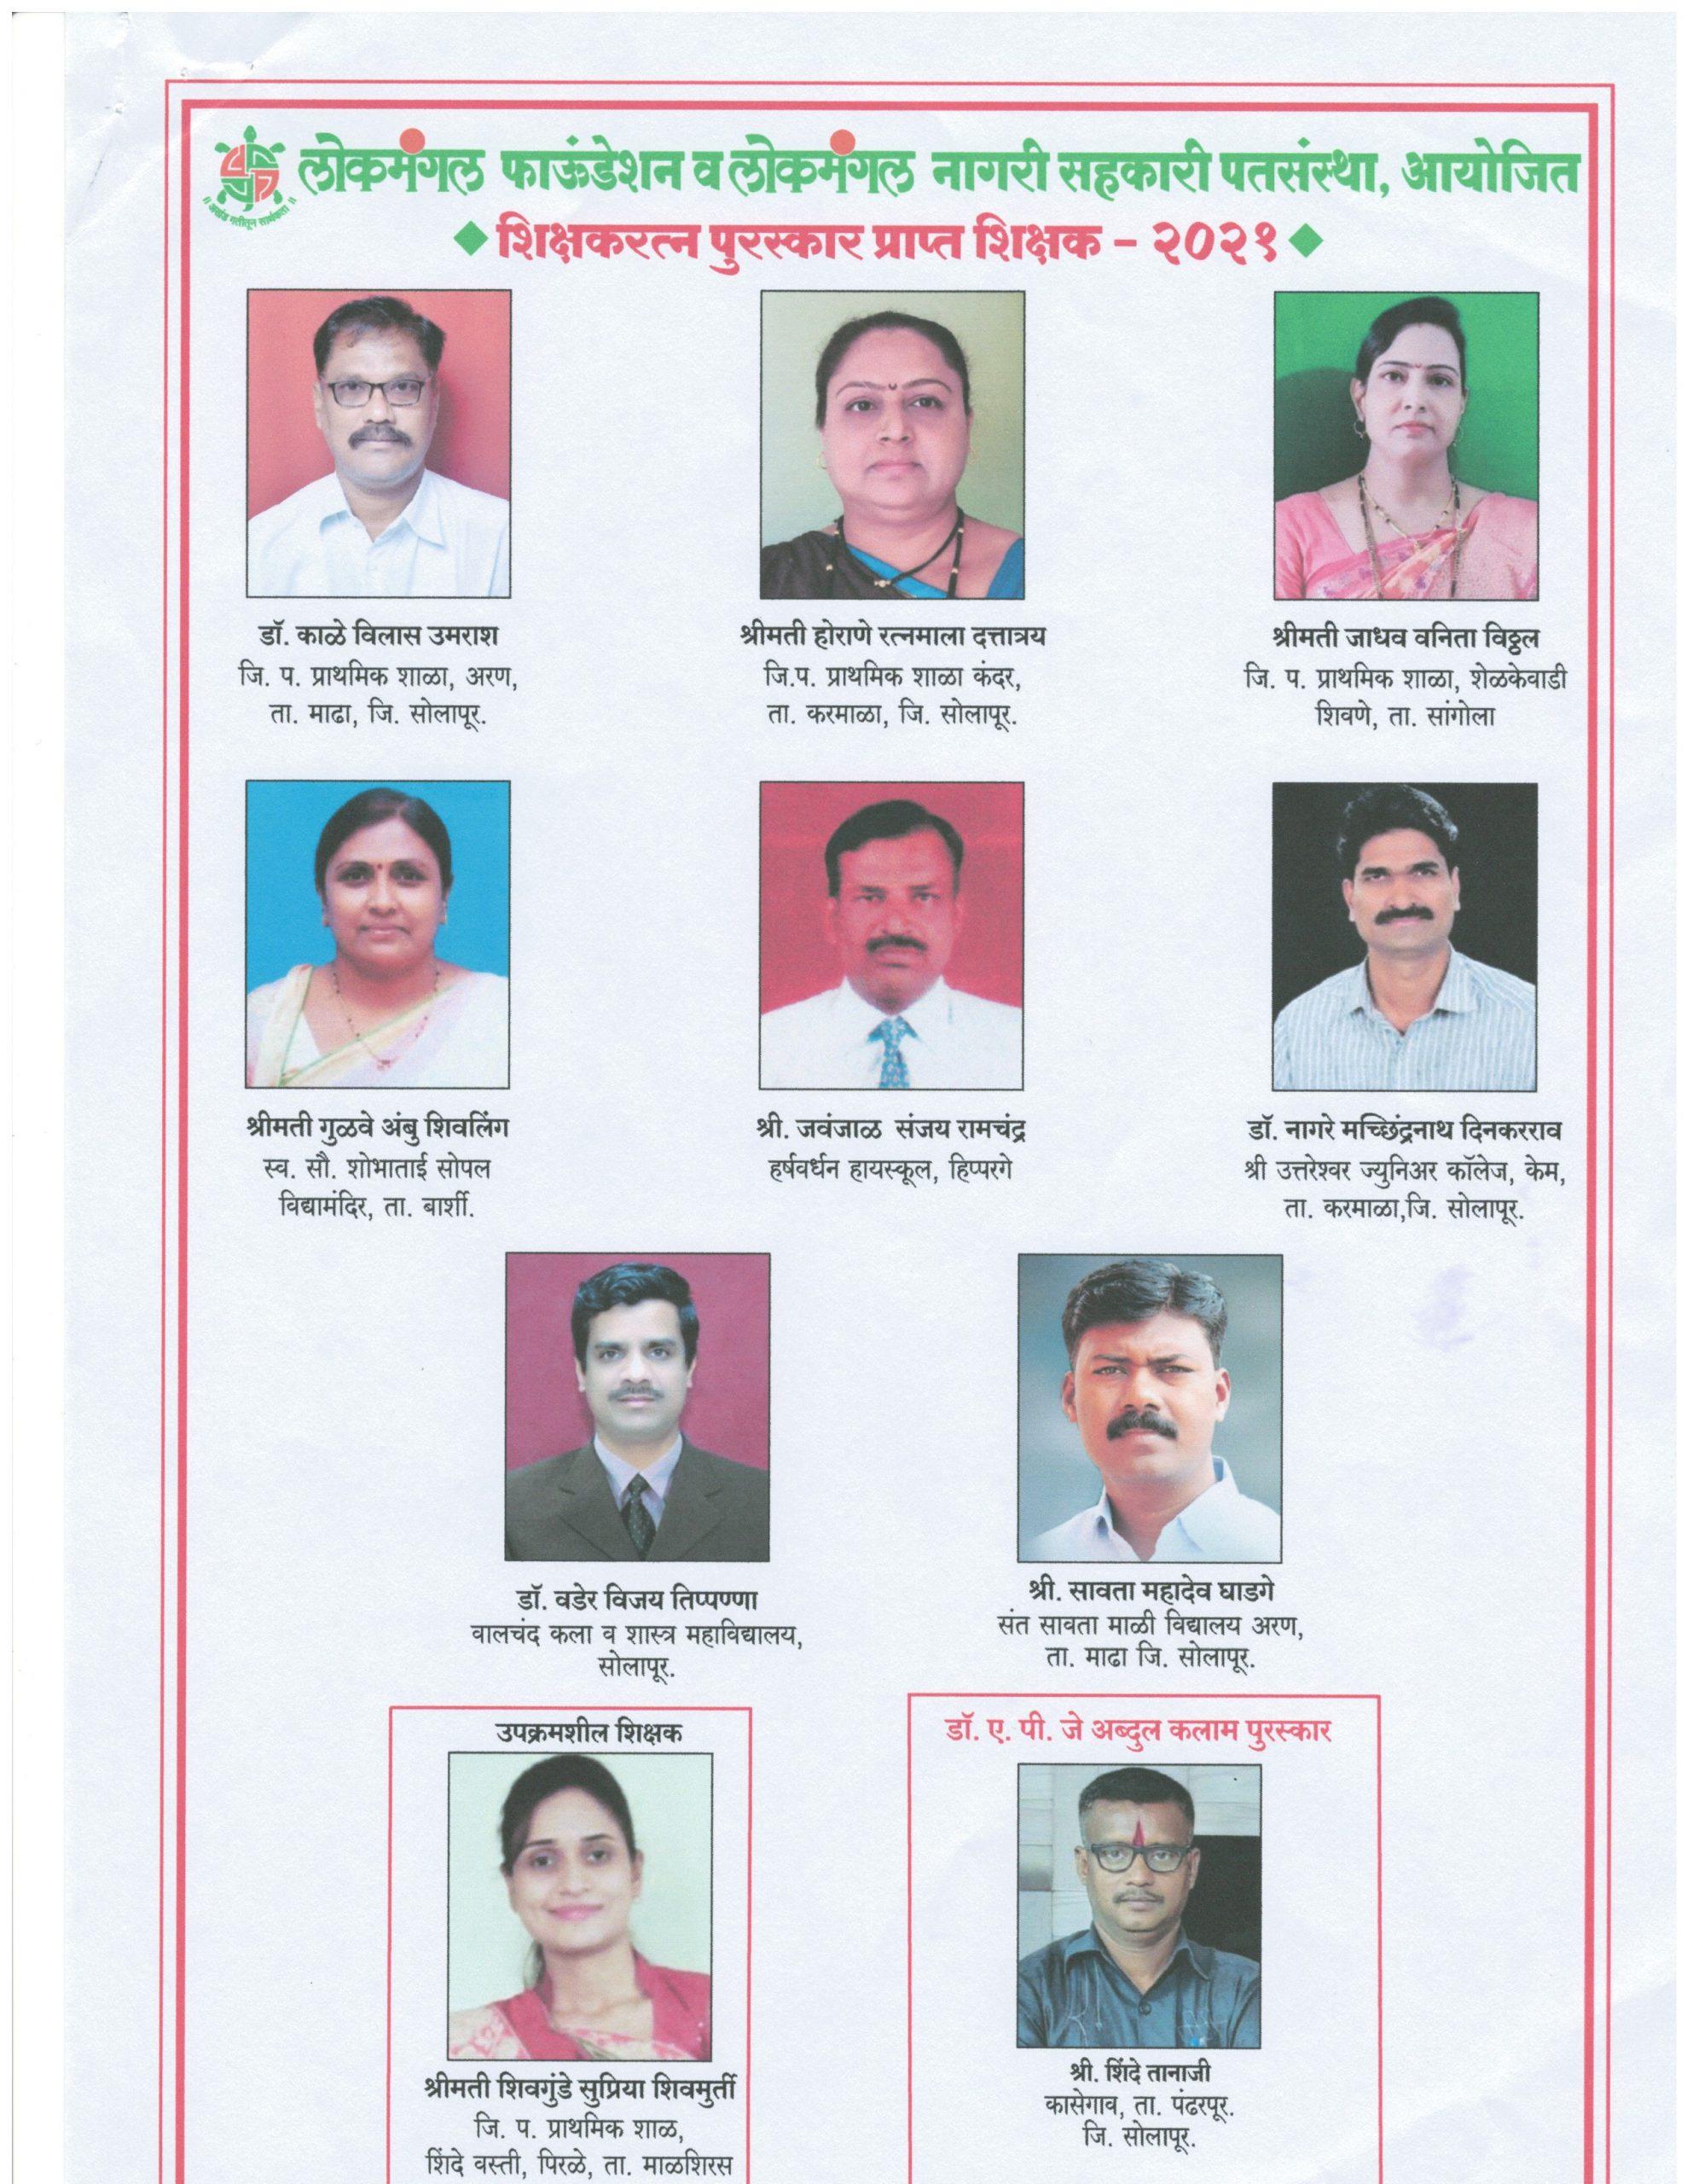 लोकमंगल फाउंडेशनचे शिक्षकरत्न पुरस्कार जाहीर   यंदाचा लोकमंगलचा डॉ. अब्दुल कलाम पुरस्कार तानाजी शिंदे यांना जाहीर